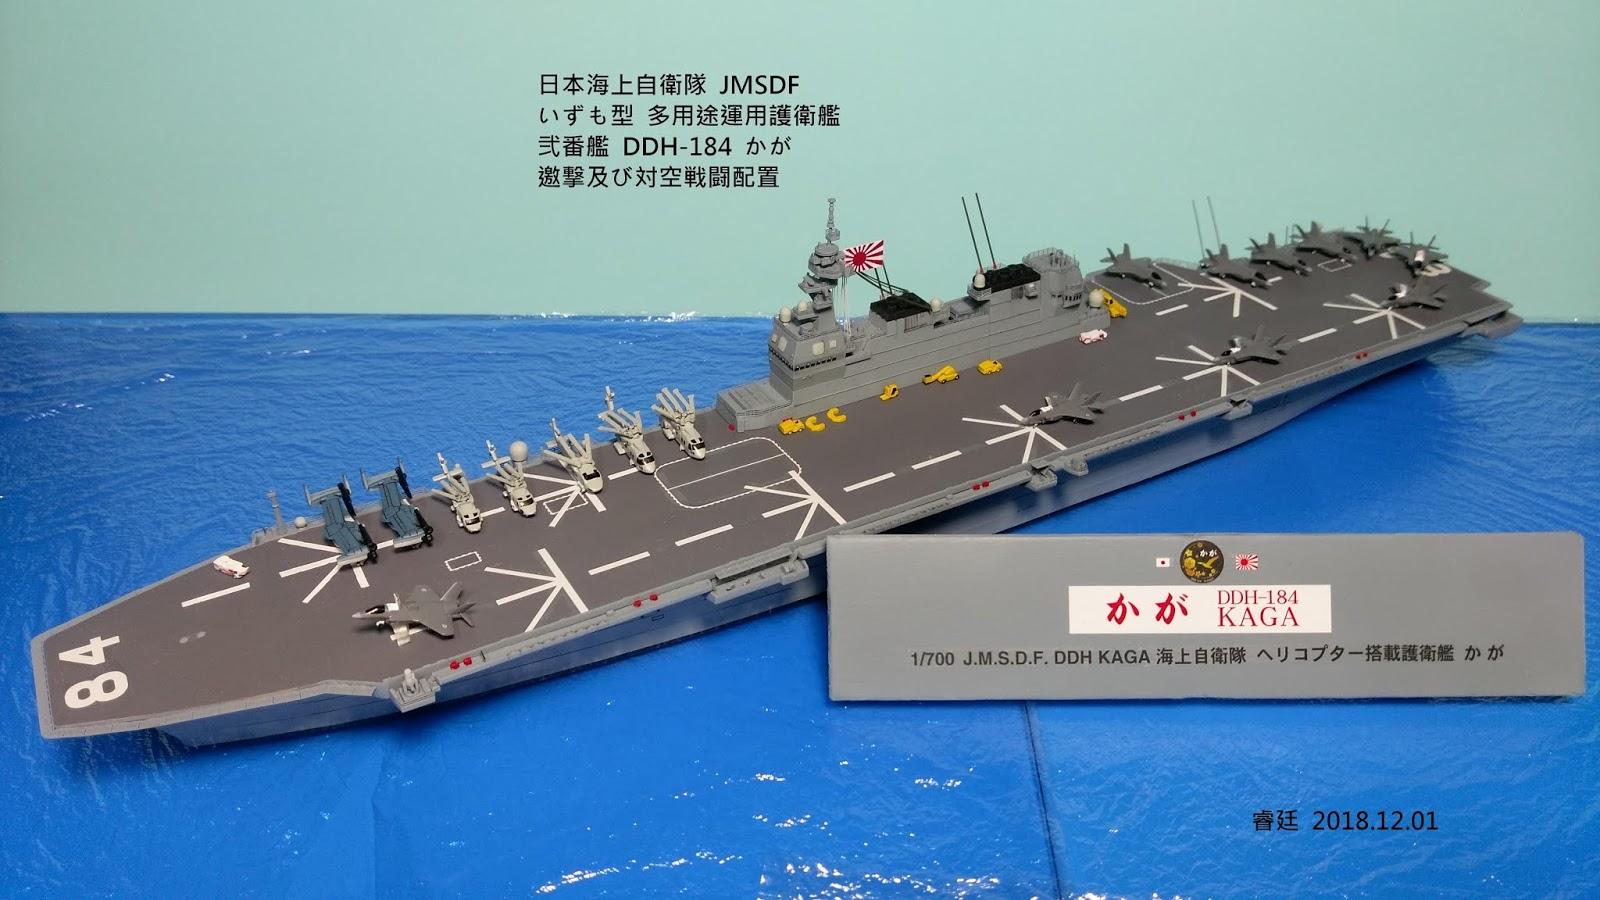 白貓模型格納庫 Ddh 184 かが多用途運用護衛艦2025 日本海上自衛隊jmsdf